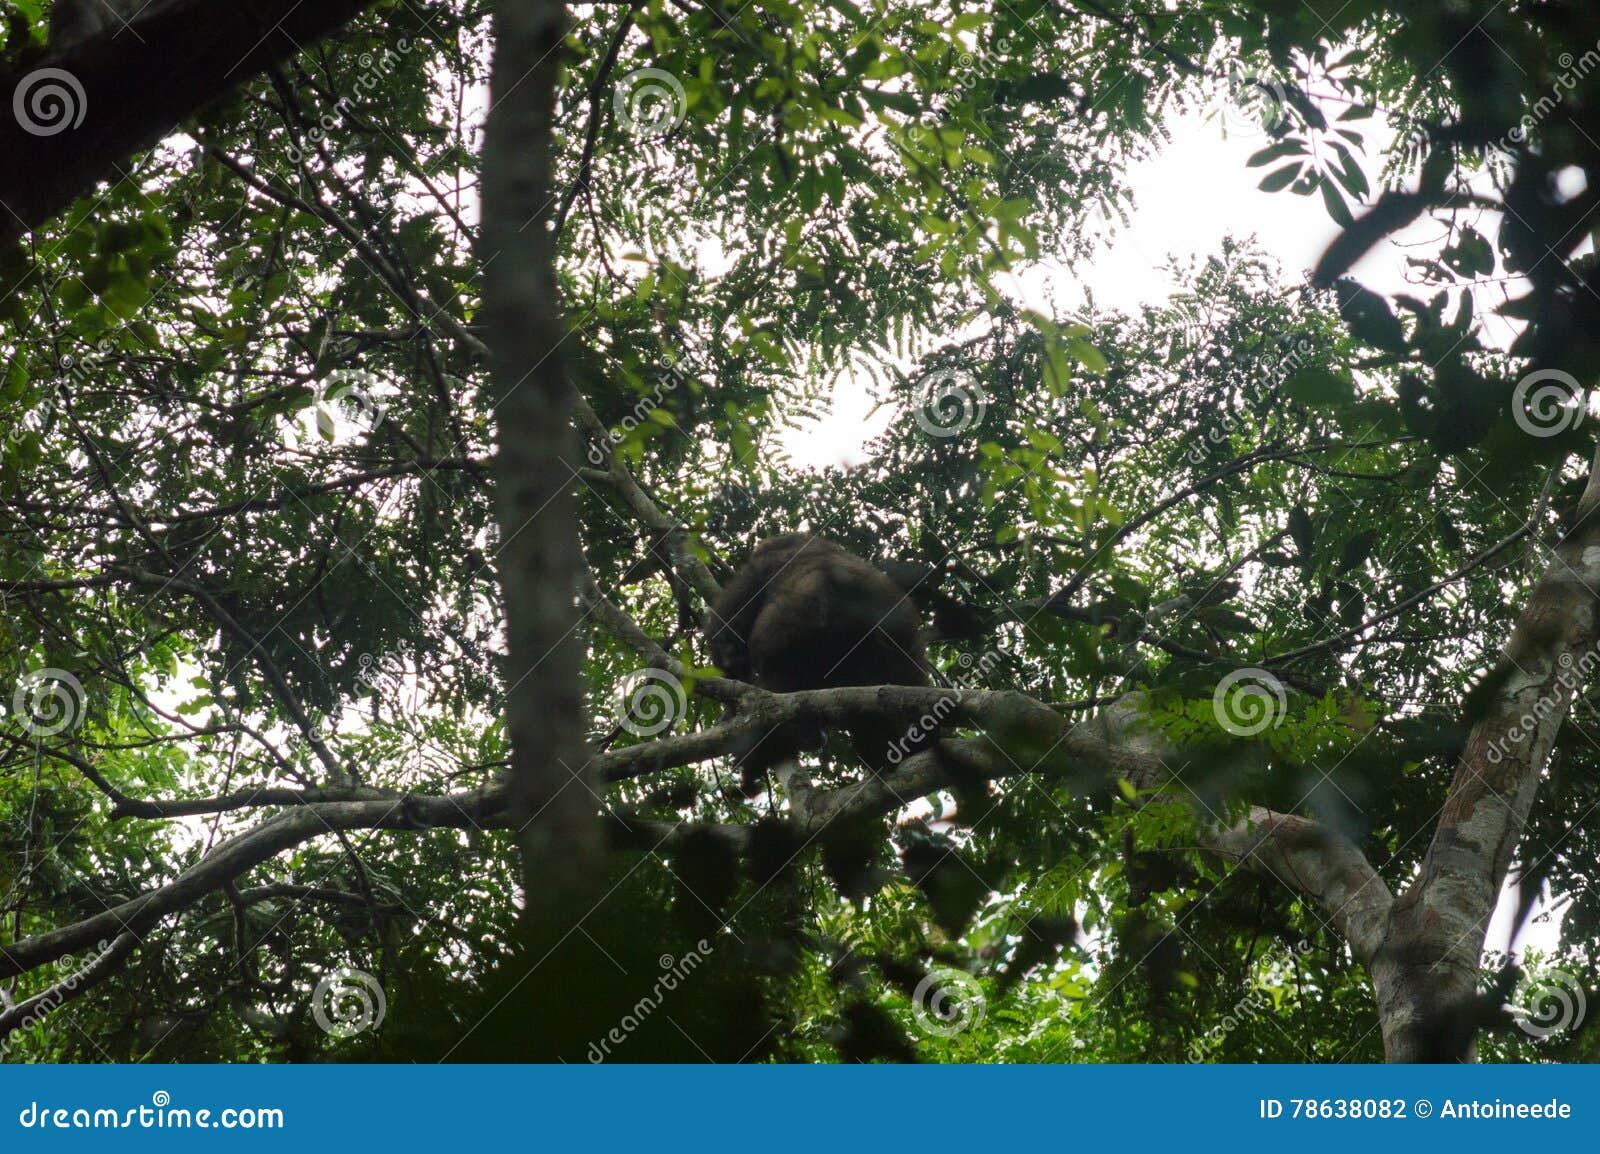 Gorille de plaine occidentale sur un arbre, forêt tropicale africaine occidentale, parc national de Conkouati-Douli, Congo